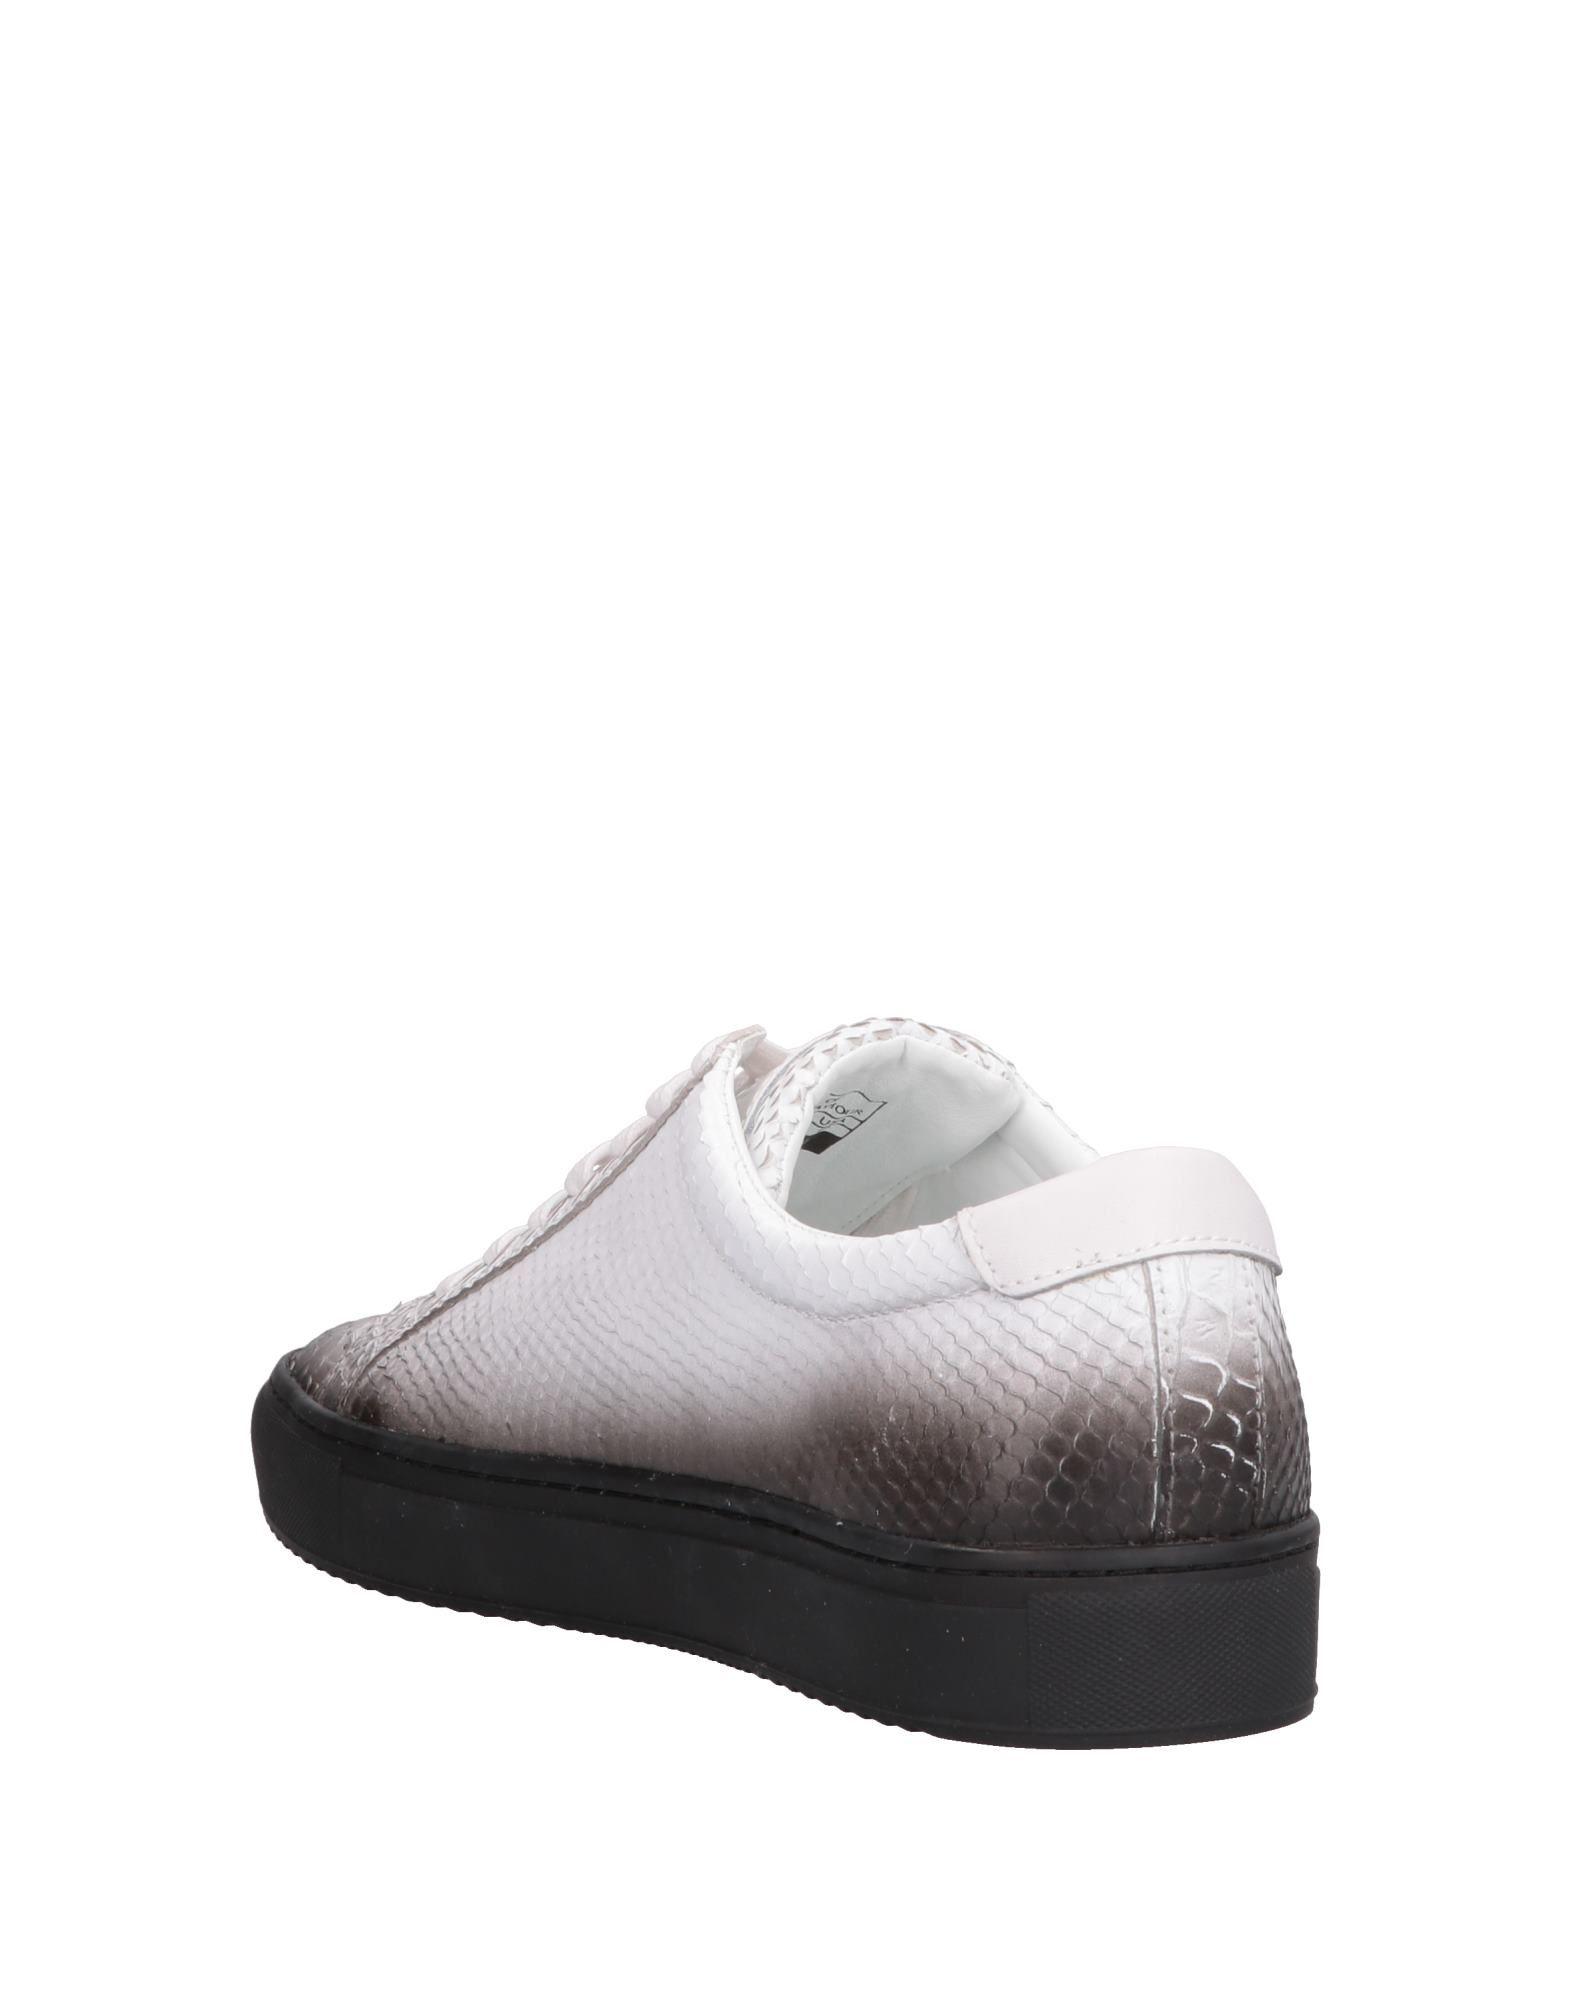 Religion Herren Sneakers Herren Religion Gutes Preis-Leistungs-Verhältnis, es lohnt sich 09964a